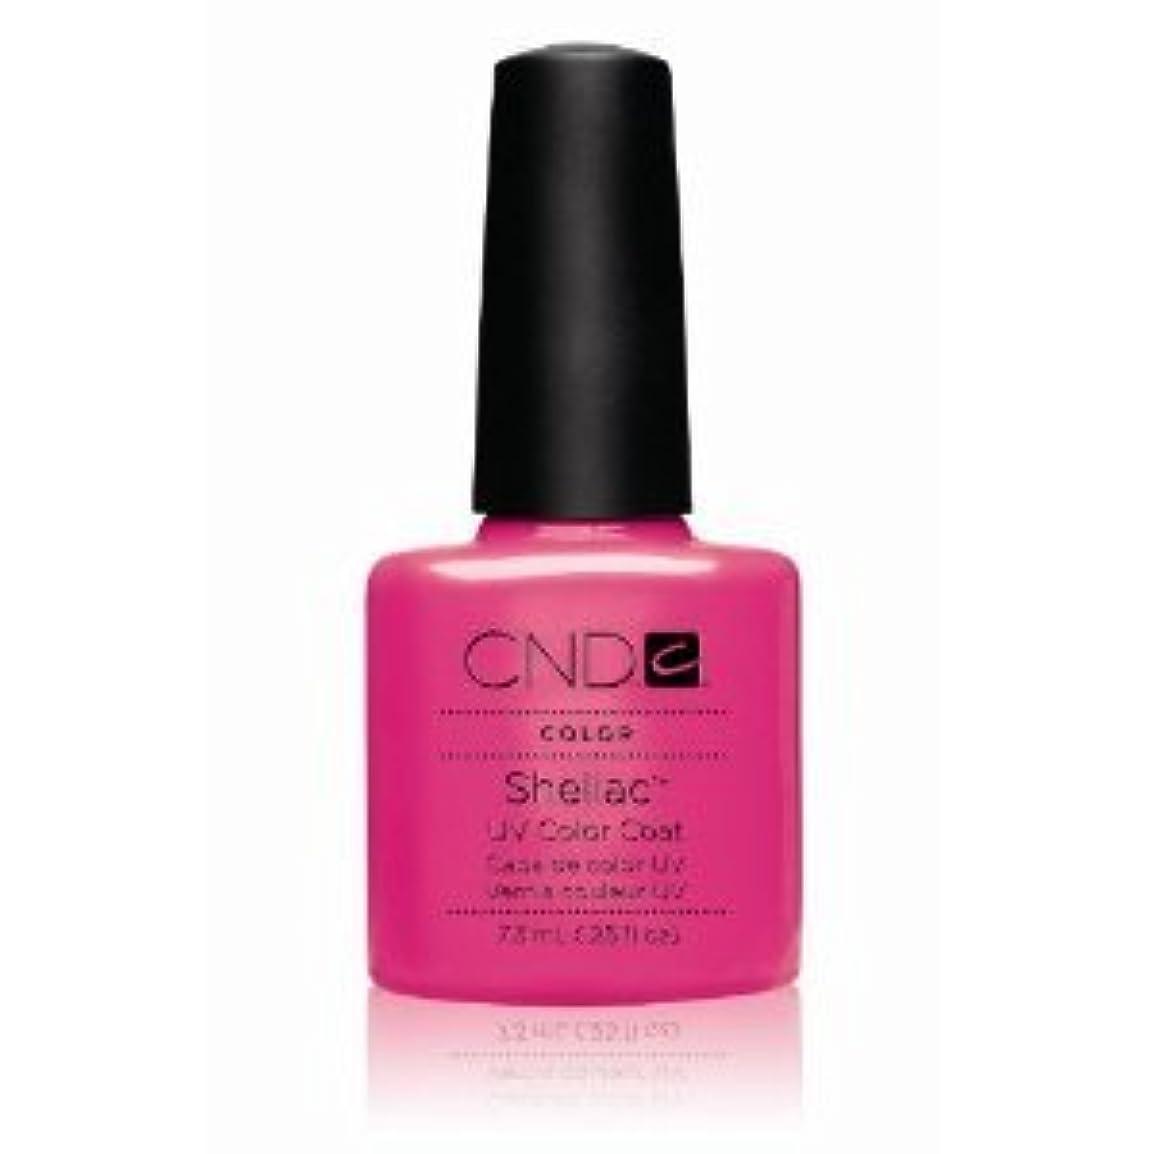 文明化コンテンポラリー整理するCND(シーエヌディー) シェラック UVカラーコート7.3mL 519 Hot Pop Pink(マット) [並行輸入][海外直送品]